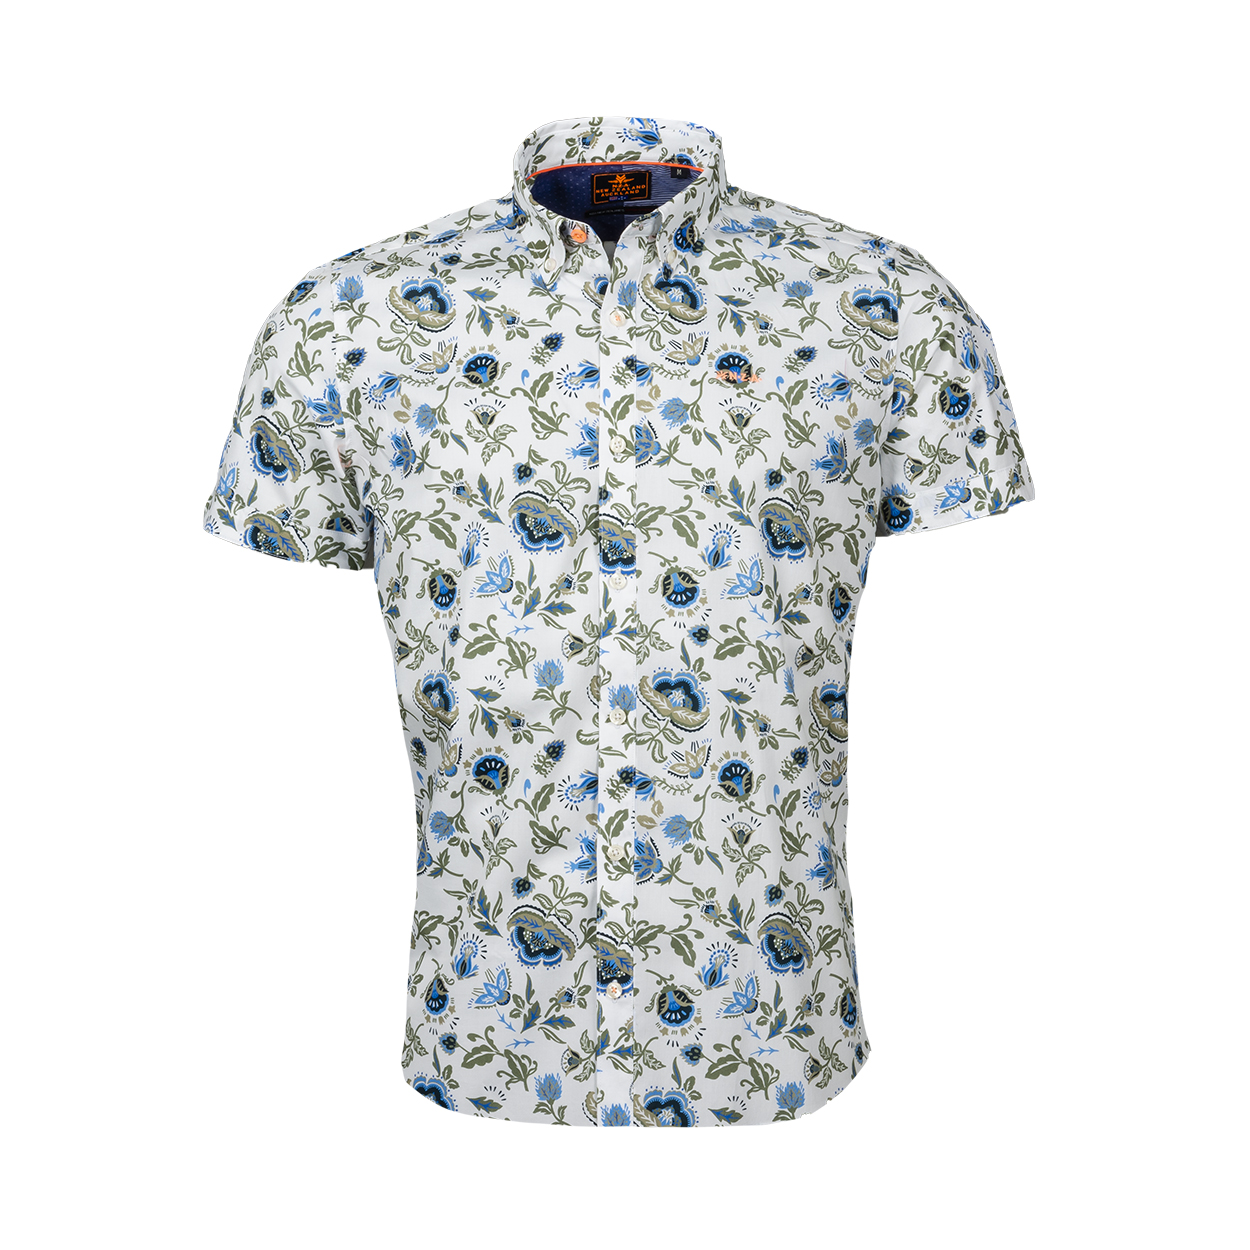 Chemise ajustée manches courtes NZA Havelock en coton stretch blanc à motifs bleus et vert kaki